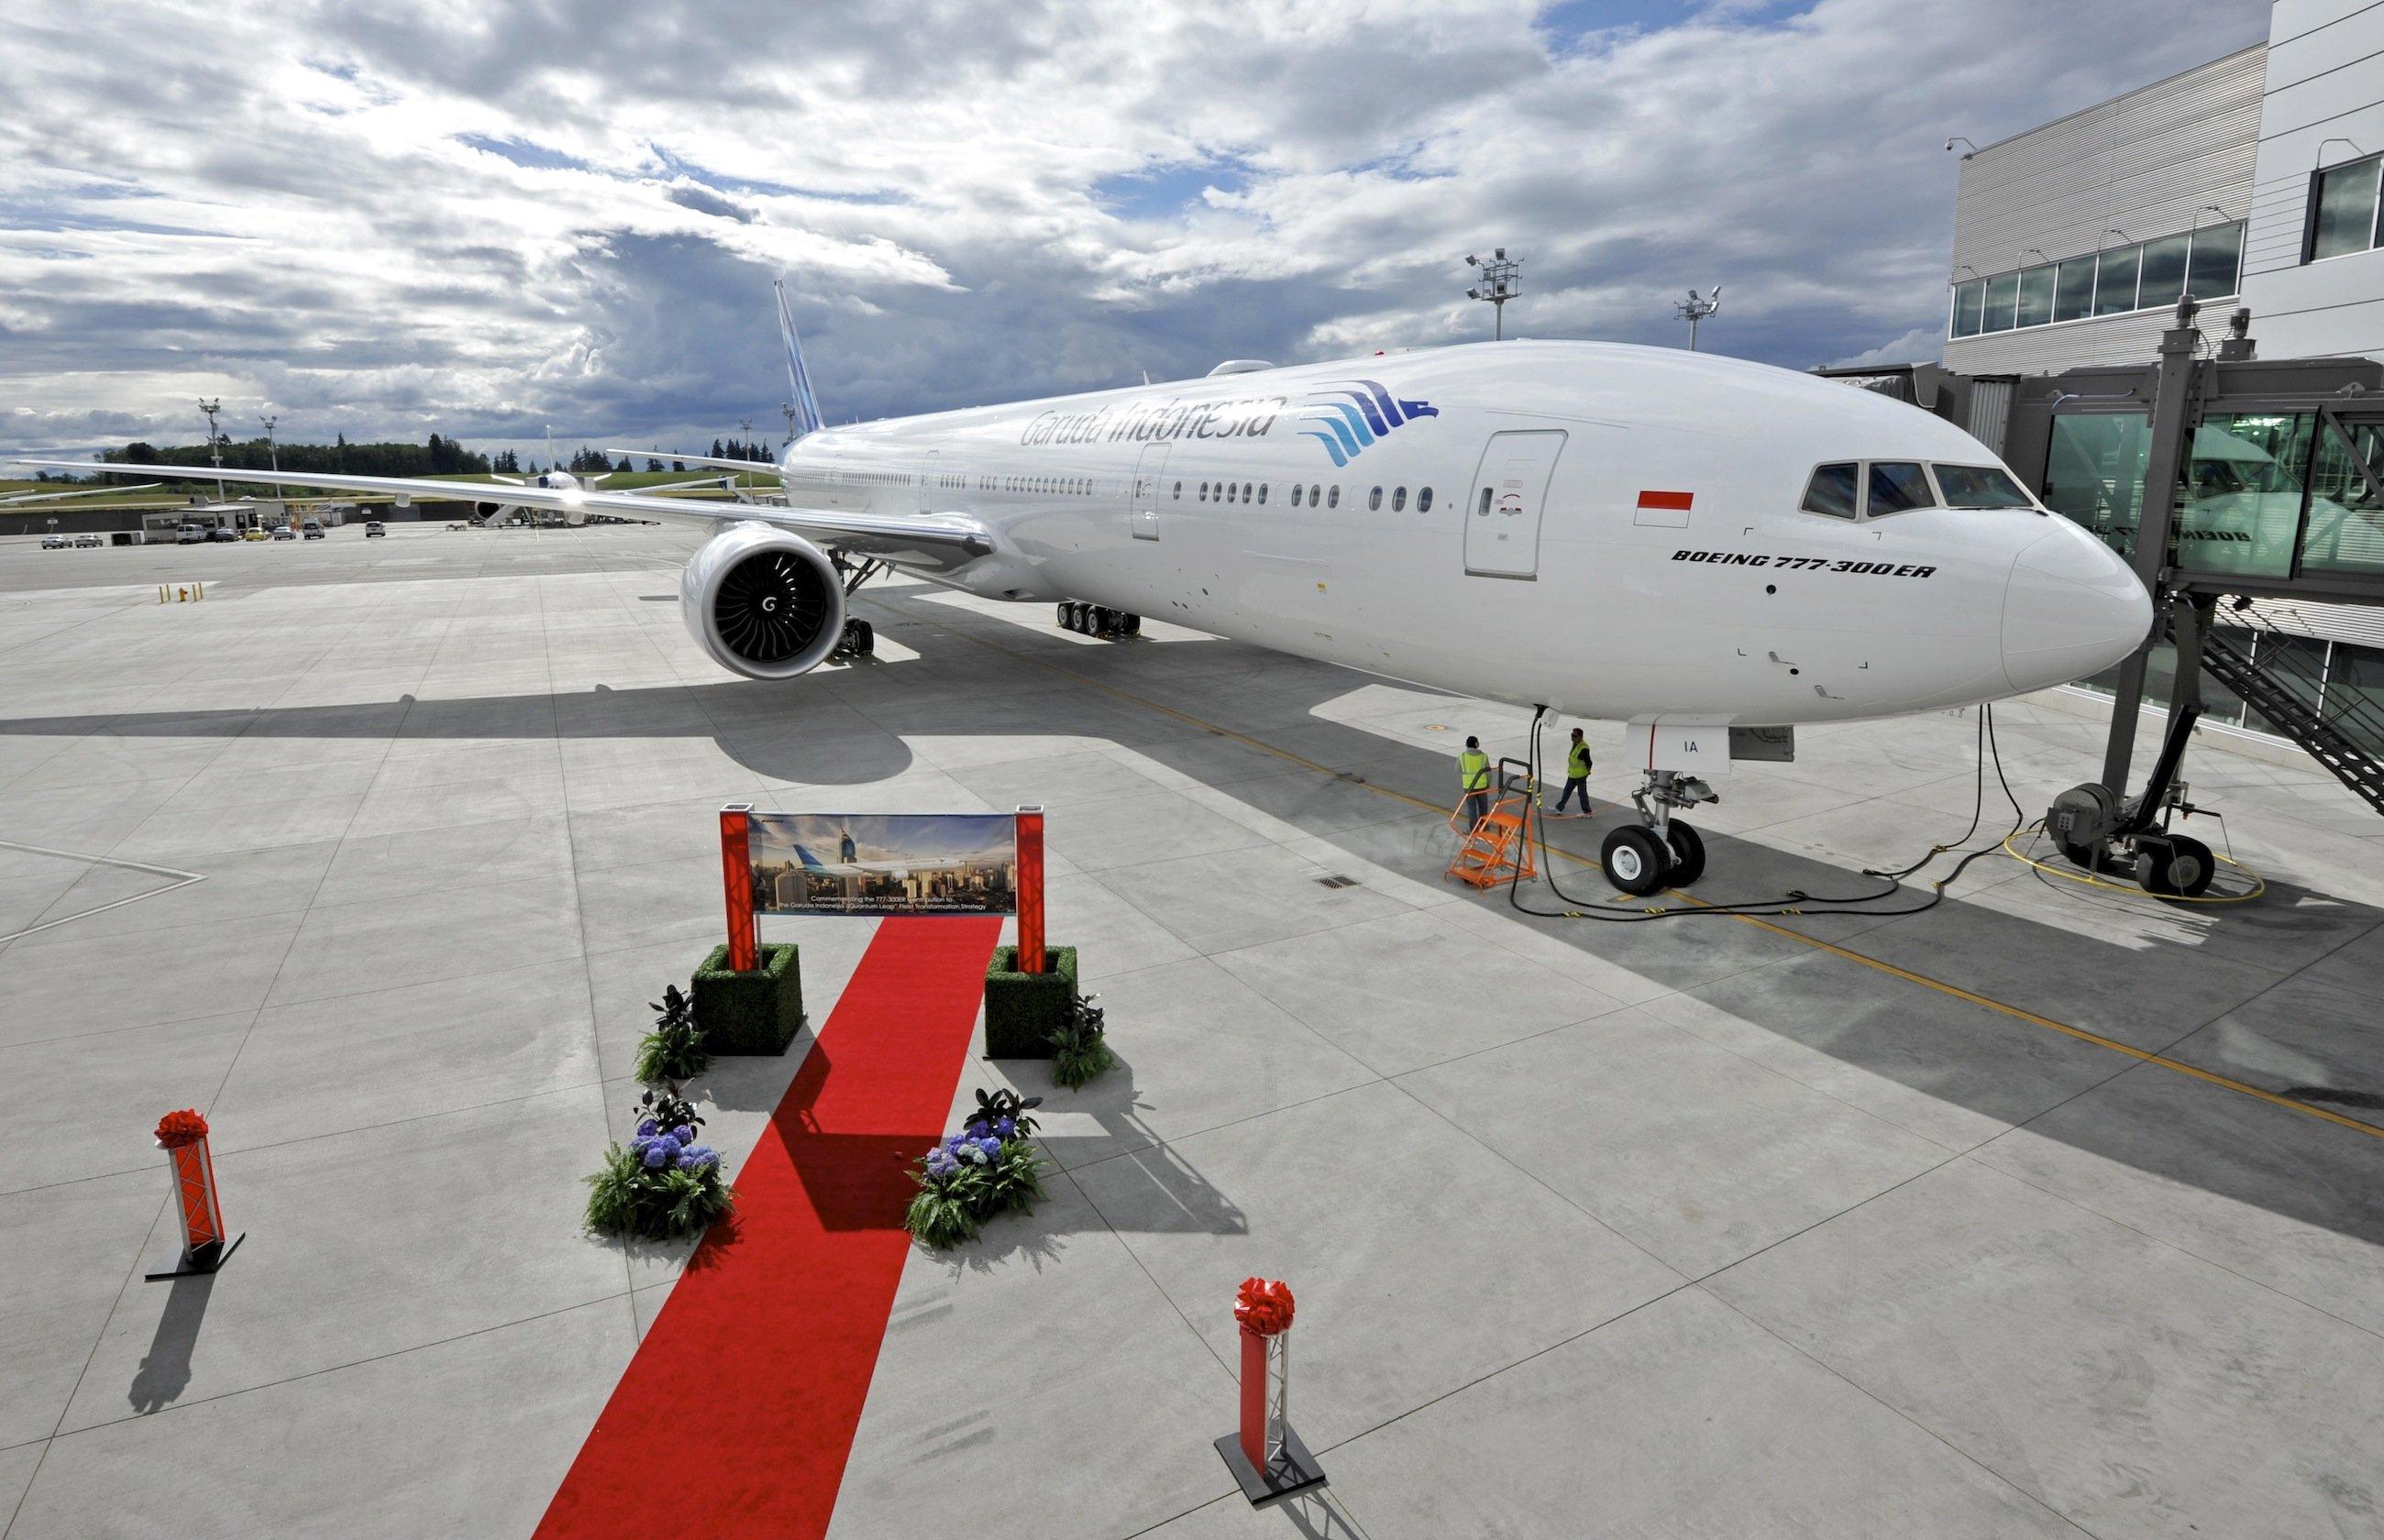 Boeing 777-300ER für die indonesische Fluggesellschaft Garuda: Das Langstreckenflugzeug wird derzeit mit Rabatten von bis zu 61 % an Großkunden verkauft, erfuhr Ingenieur.de.